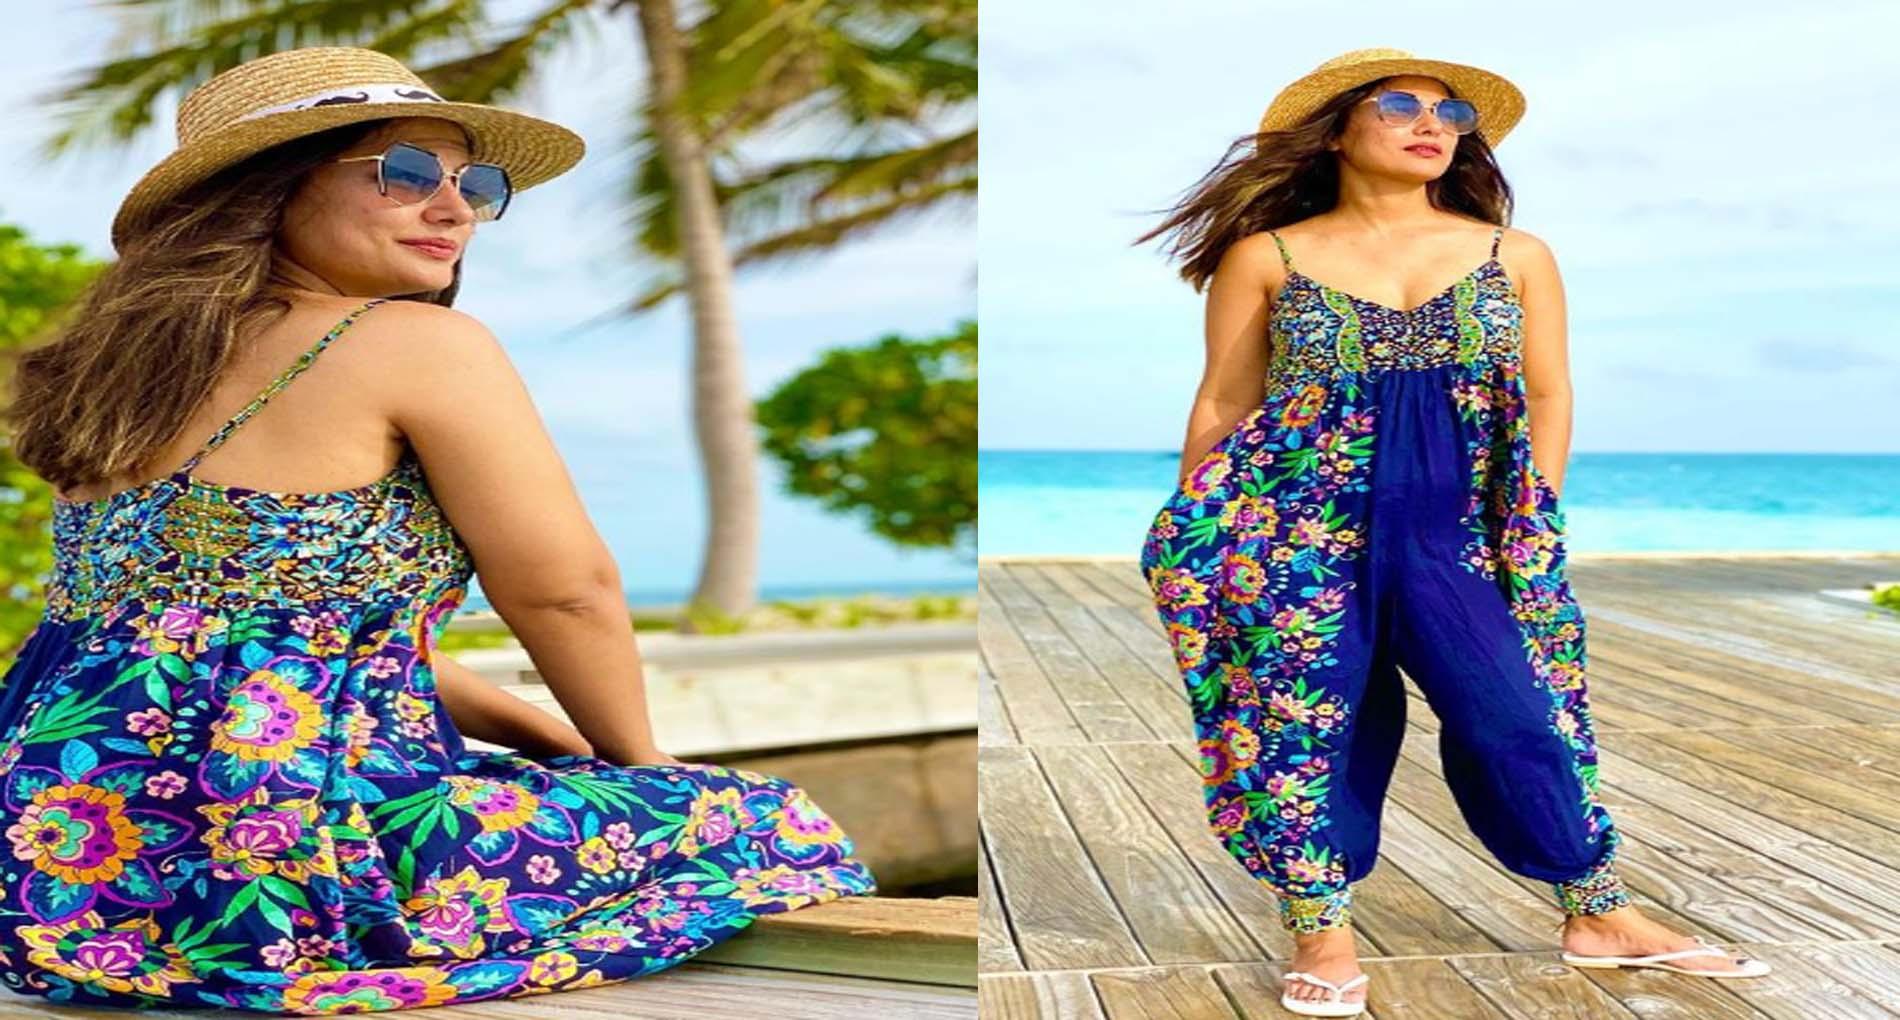 Hina Khan Photos: हिना खान मालदीव में कर रही हैं जमकर मस्ती! देखें दिलकश अंदाज